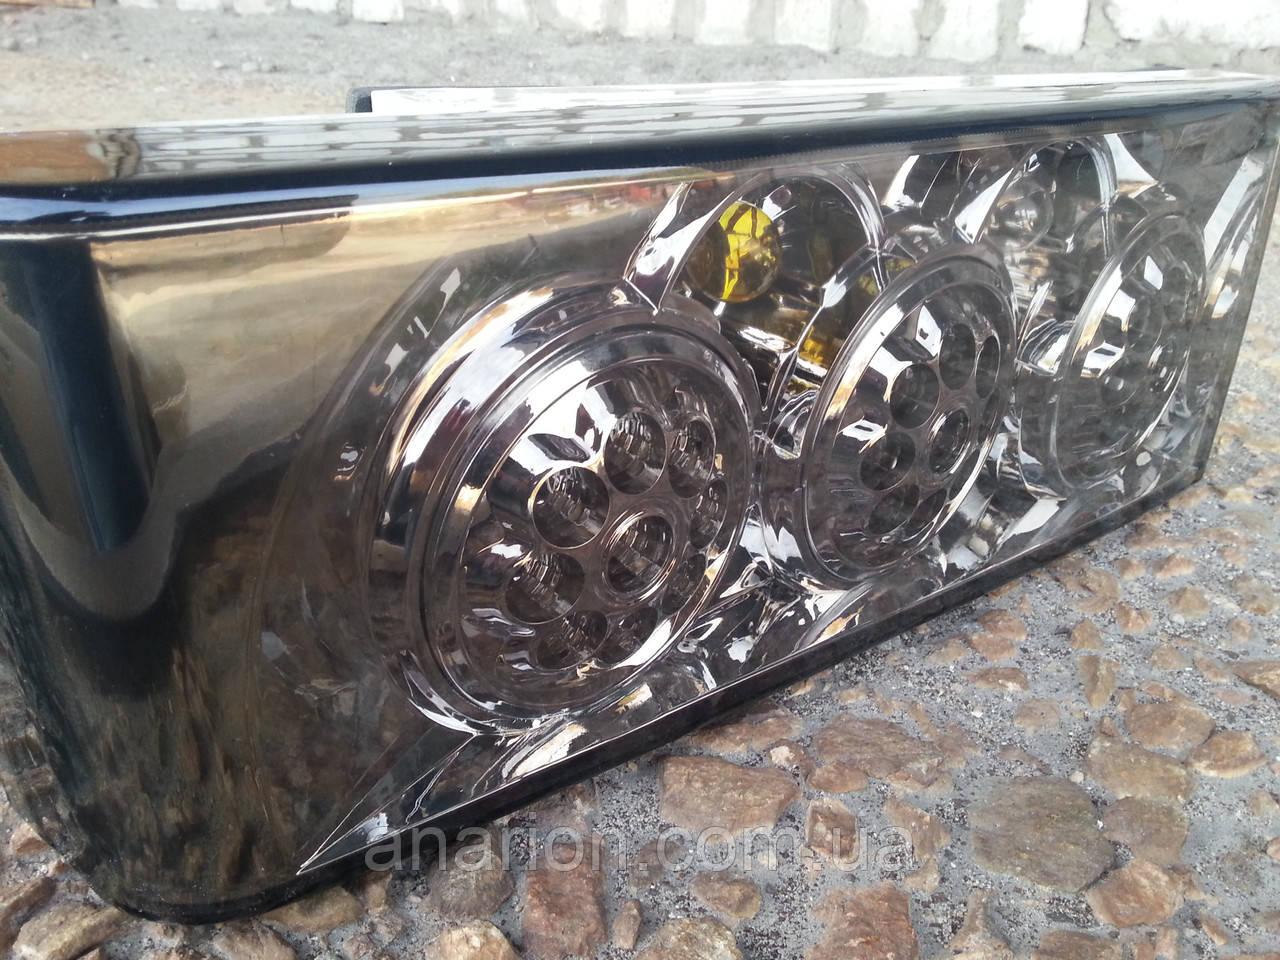 Диодные задние фонари на ВАЗ 2109 Терминатор.